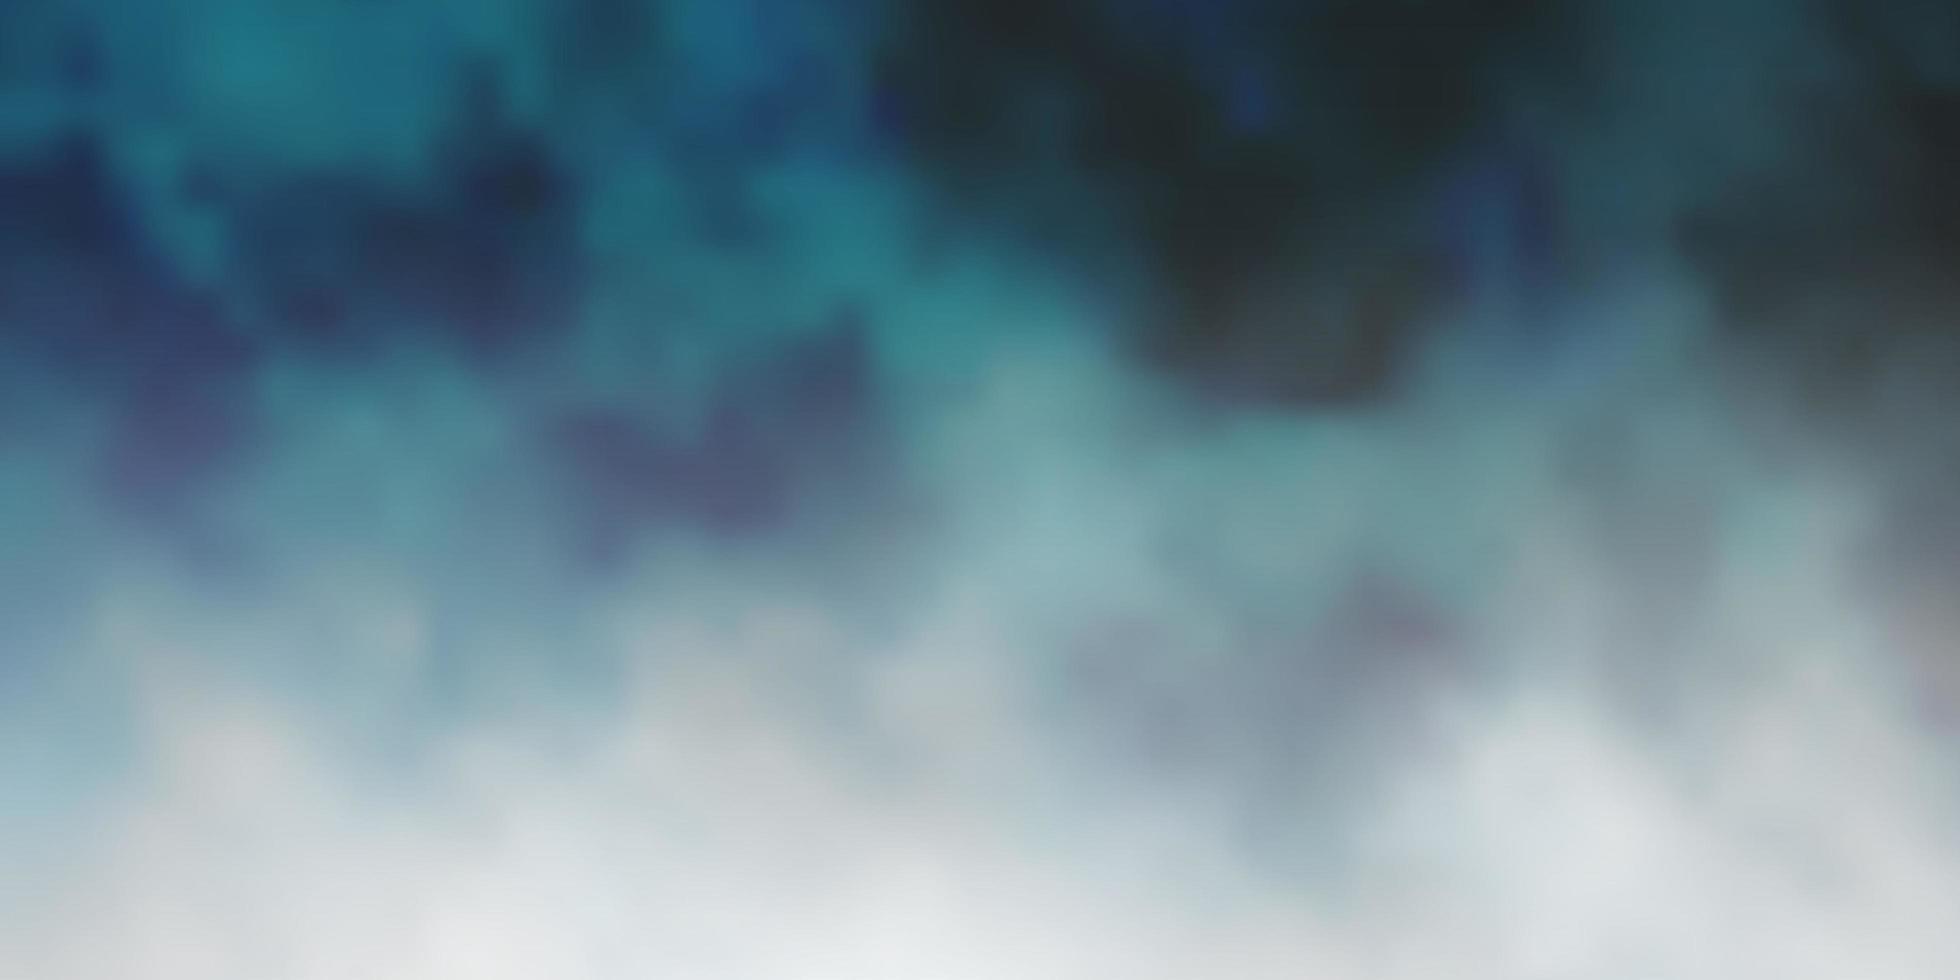 fundo cinza claro do vetor com nuvens.